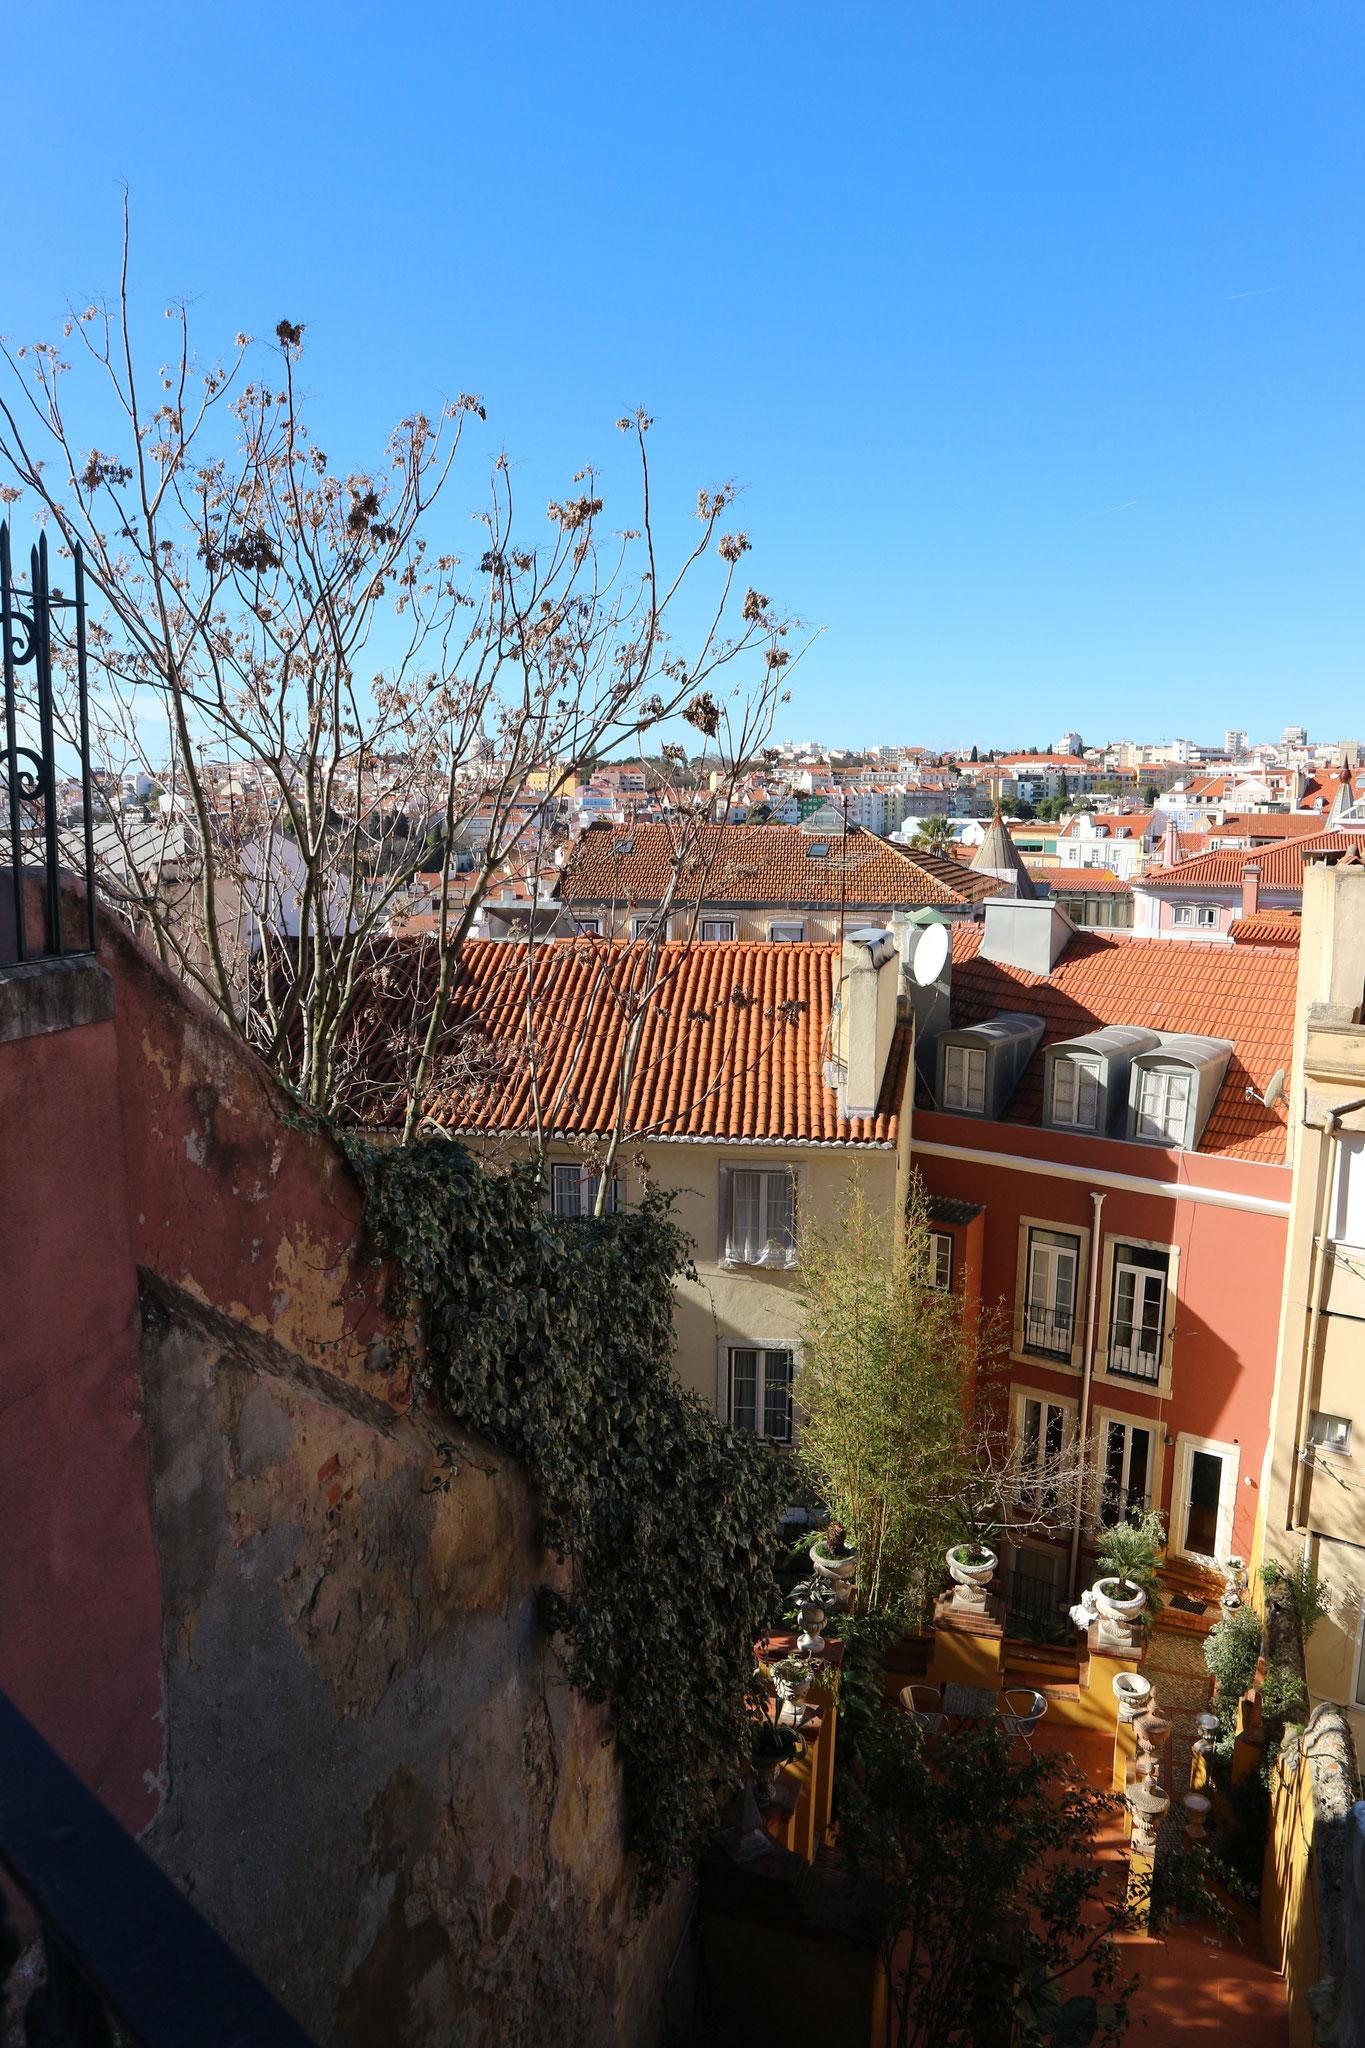 Reste von Wandmalerei, ein kleiner Garten zwischen Häusern & die Aussicht auf ein Dächermeer - in einer meiner Geschichten wiederzufinden. Flair und so :D